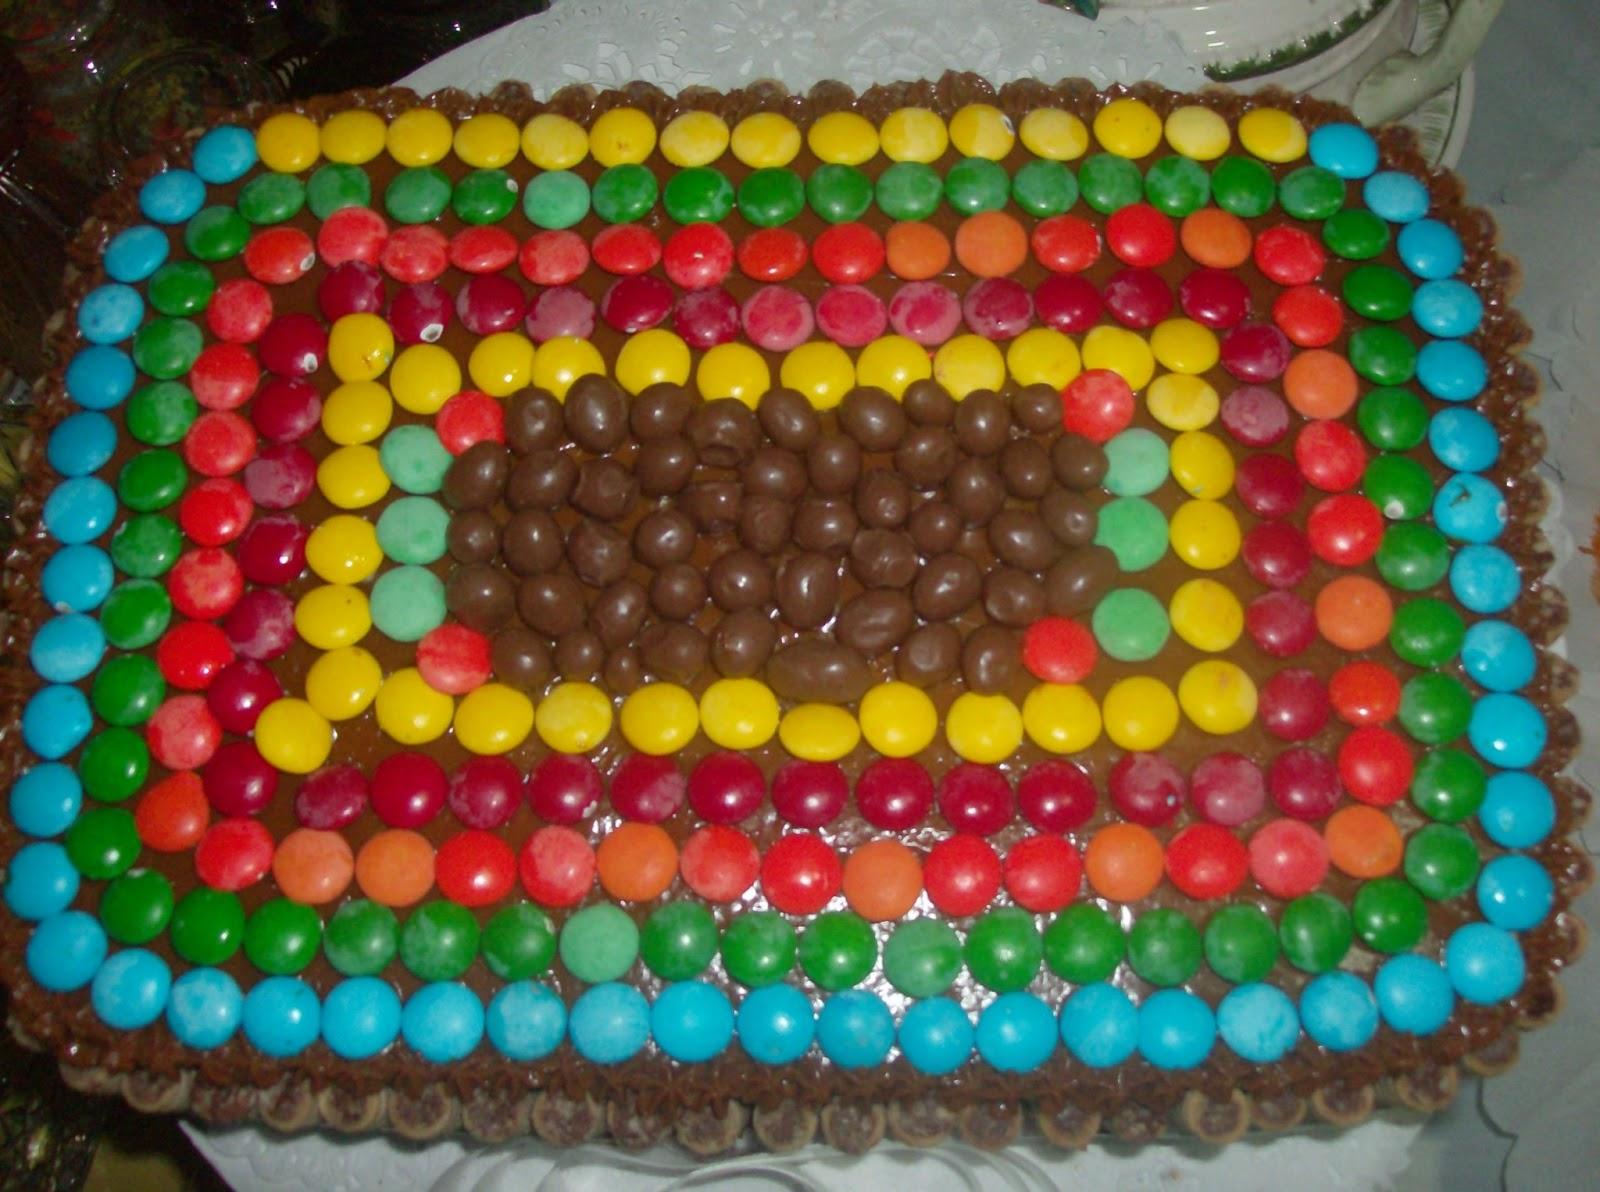 Torta Con Pirulin  Dandy Y Pin Pon